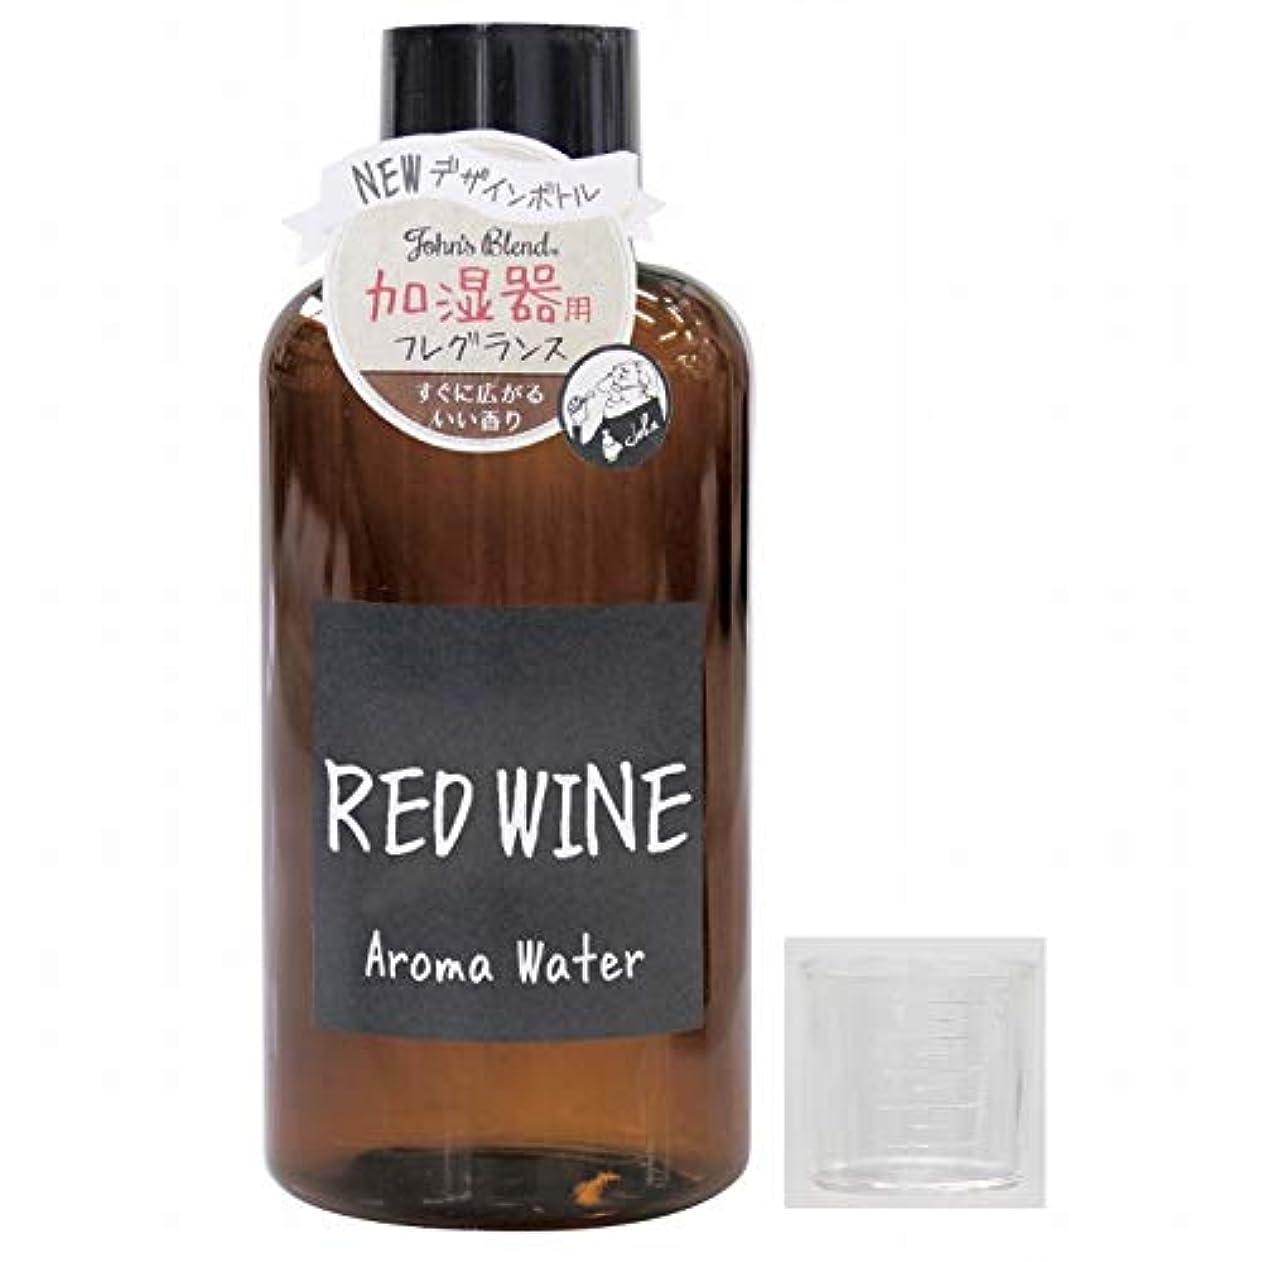 顔料余分な流用する【計量カップ付き】 JohnsBlend(ジョンズブレンド) アロマウォーター 加湿器用 520ml レッドワインの香り OA-JON-12-5【計量カップのおまけつき】